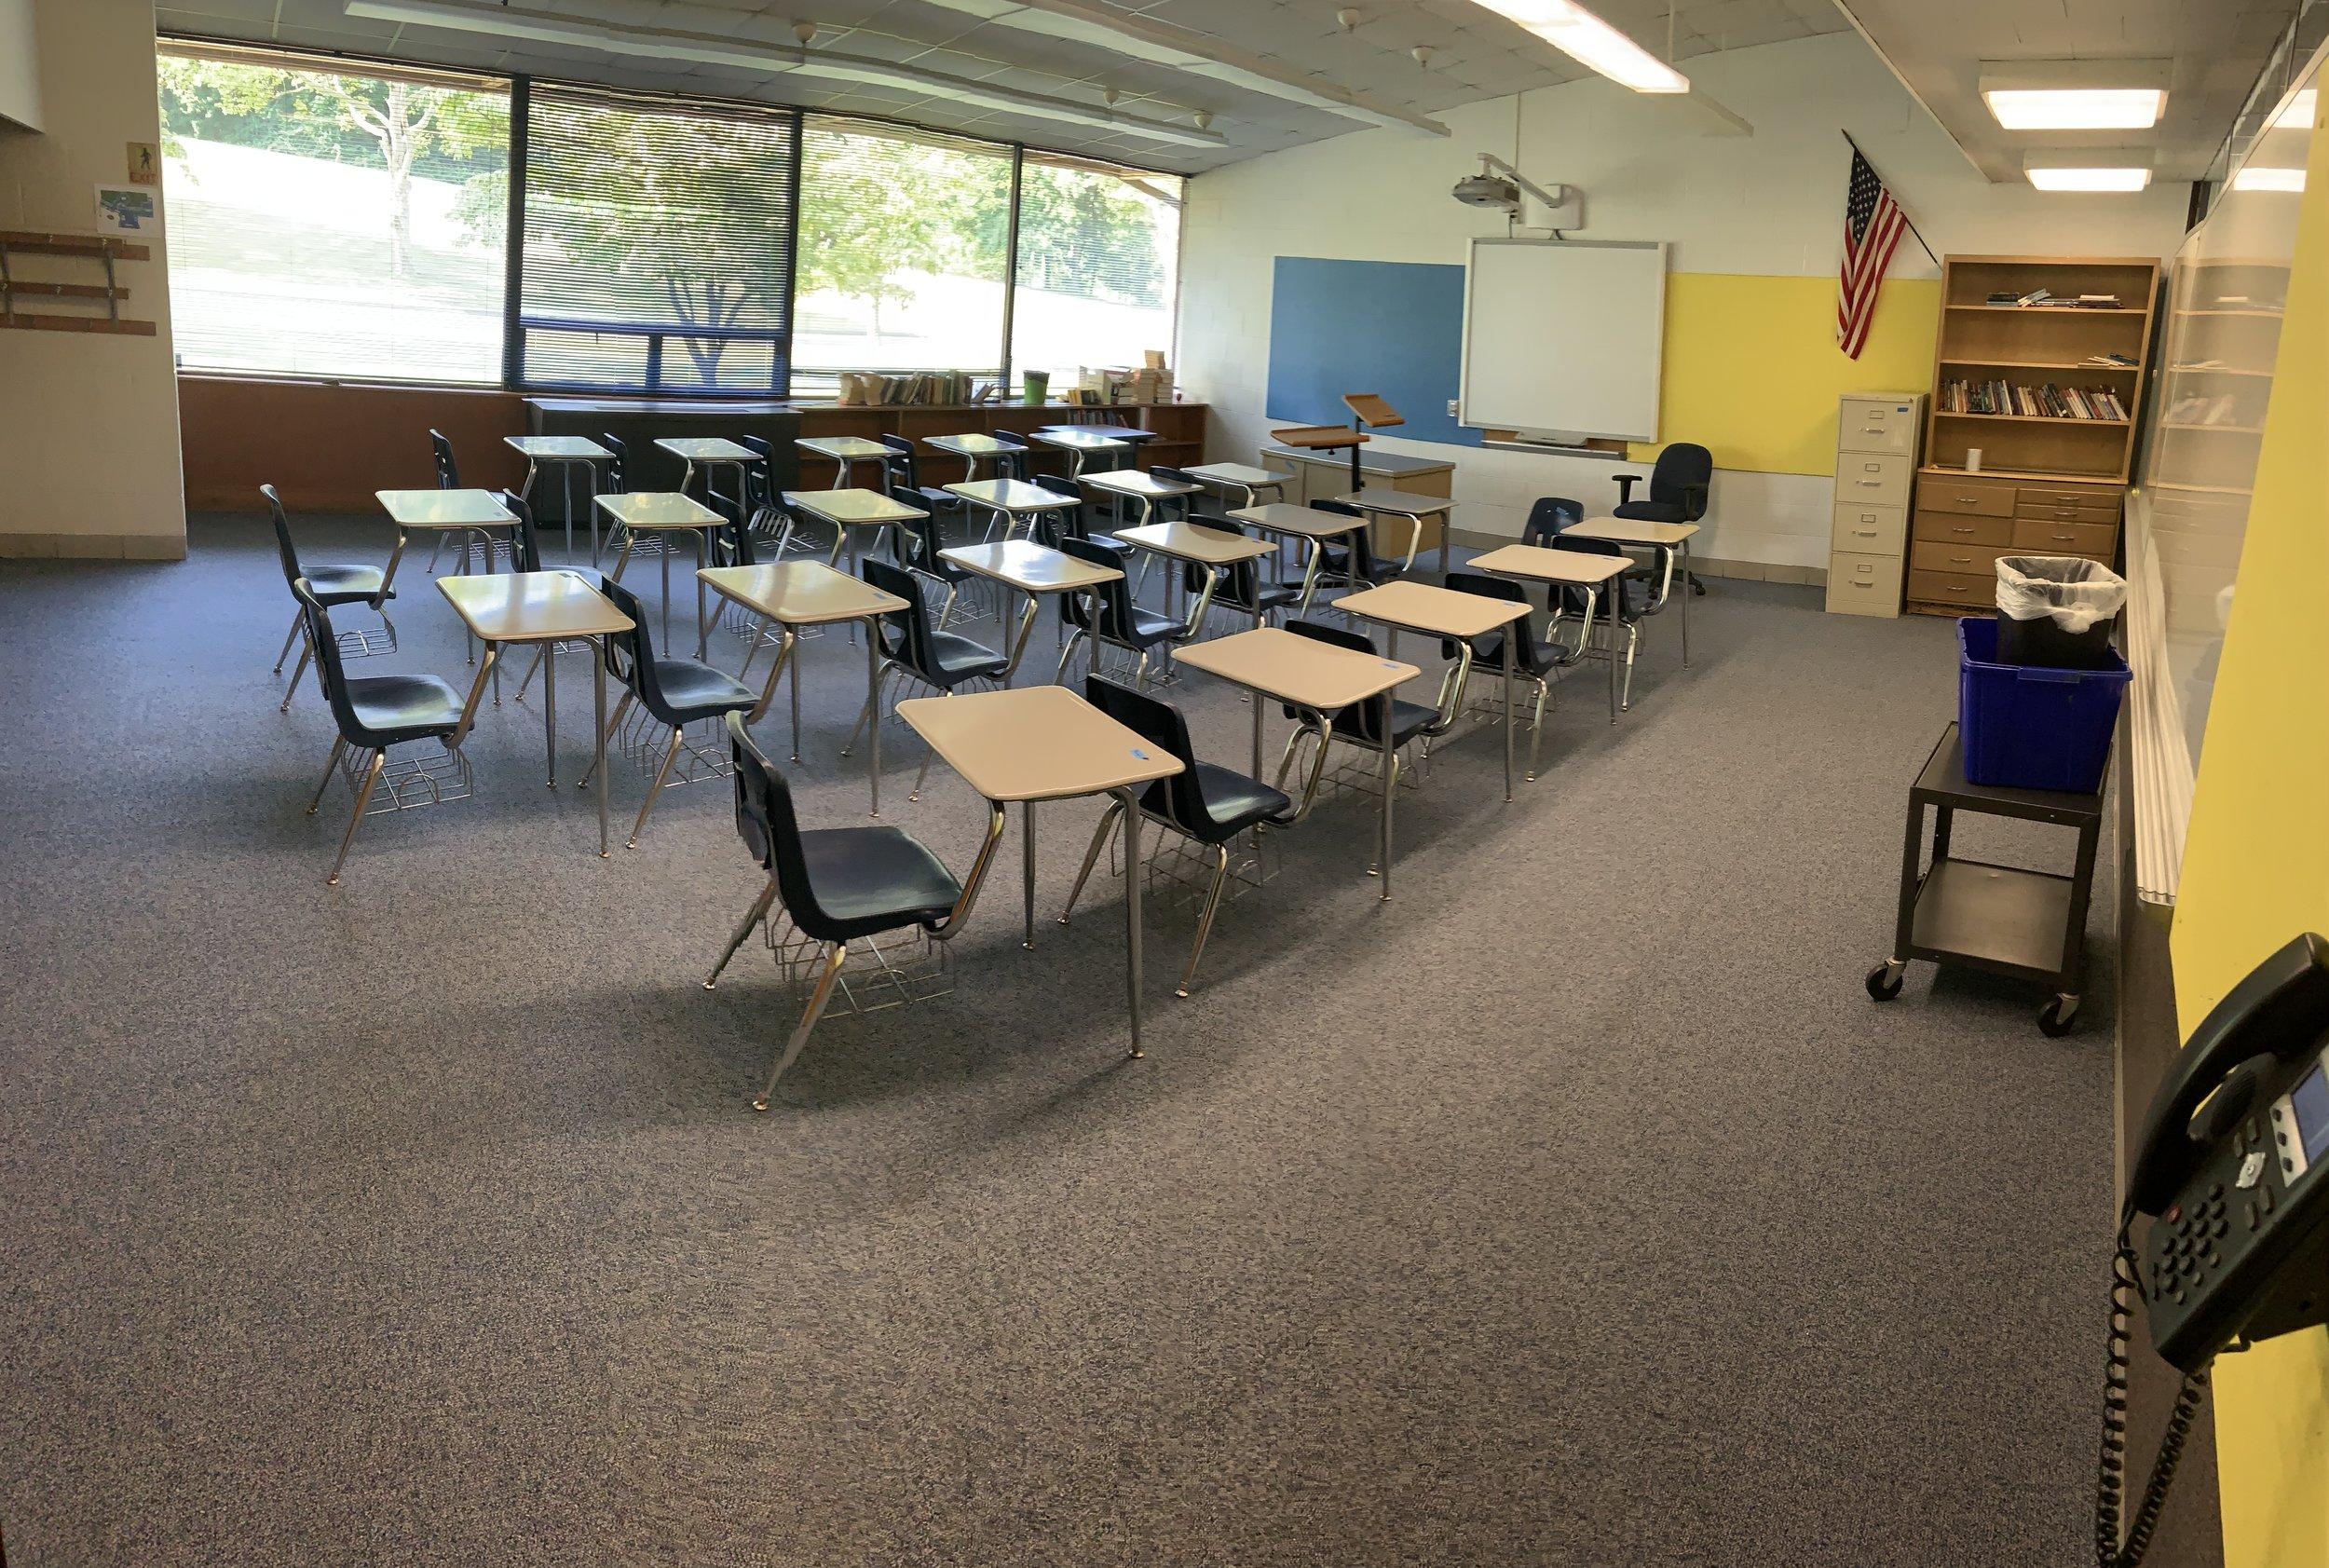 Social Studies room is looking good!